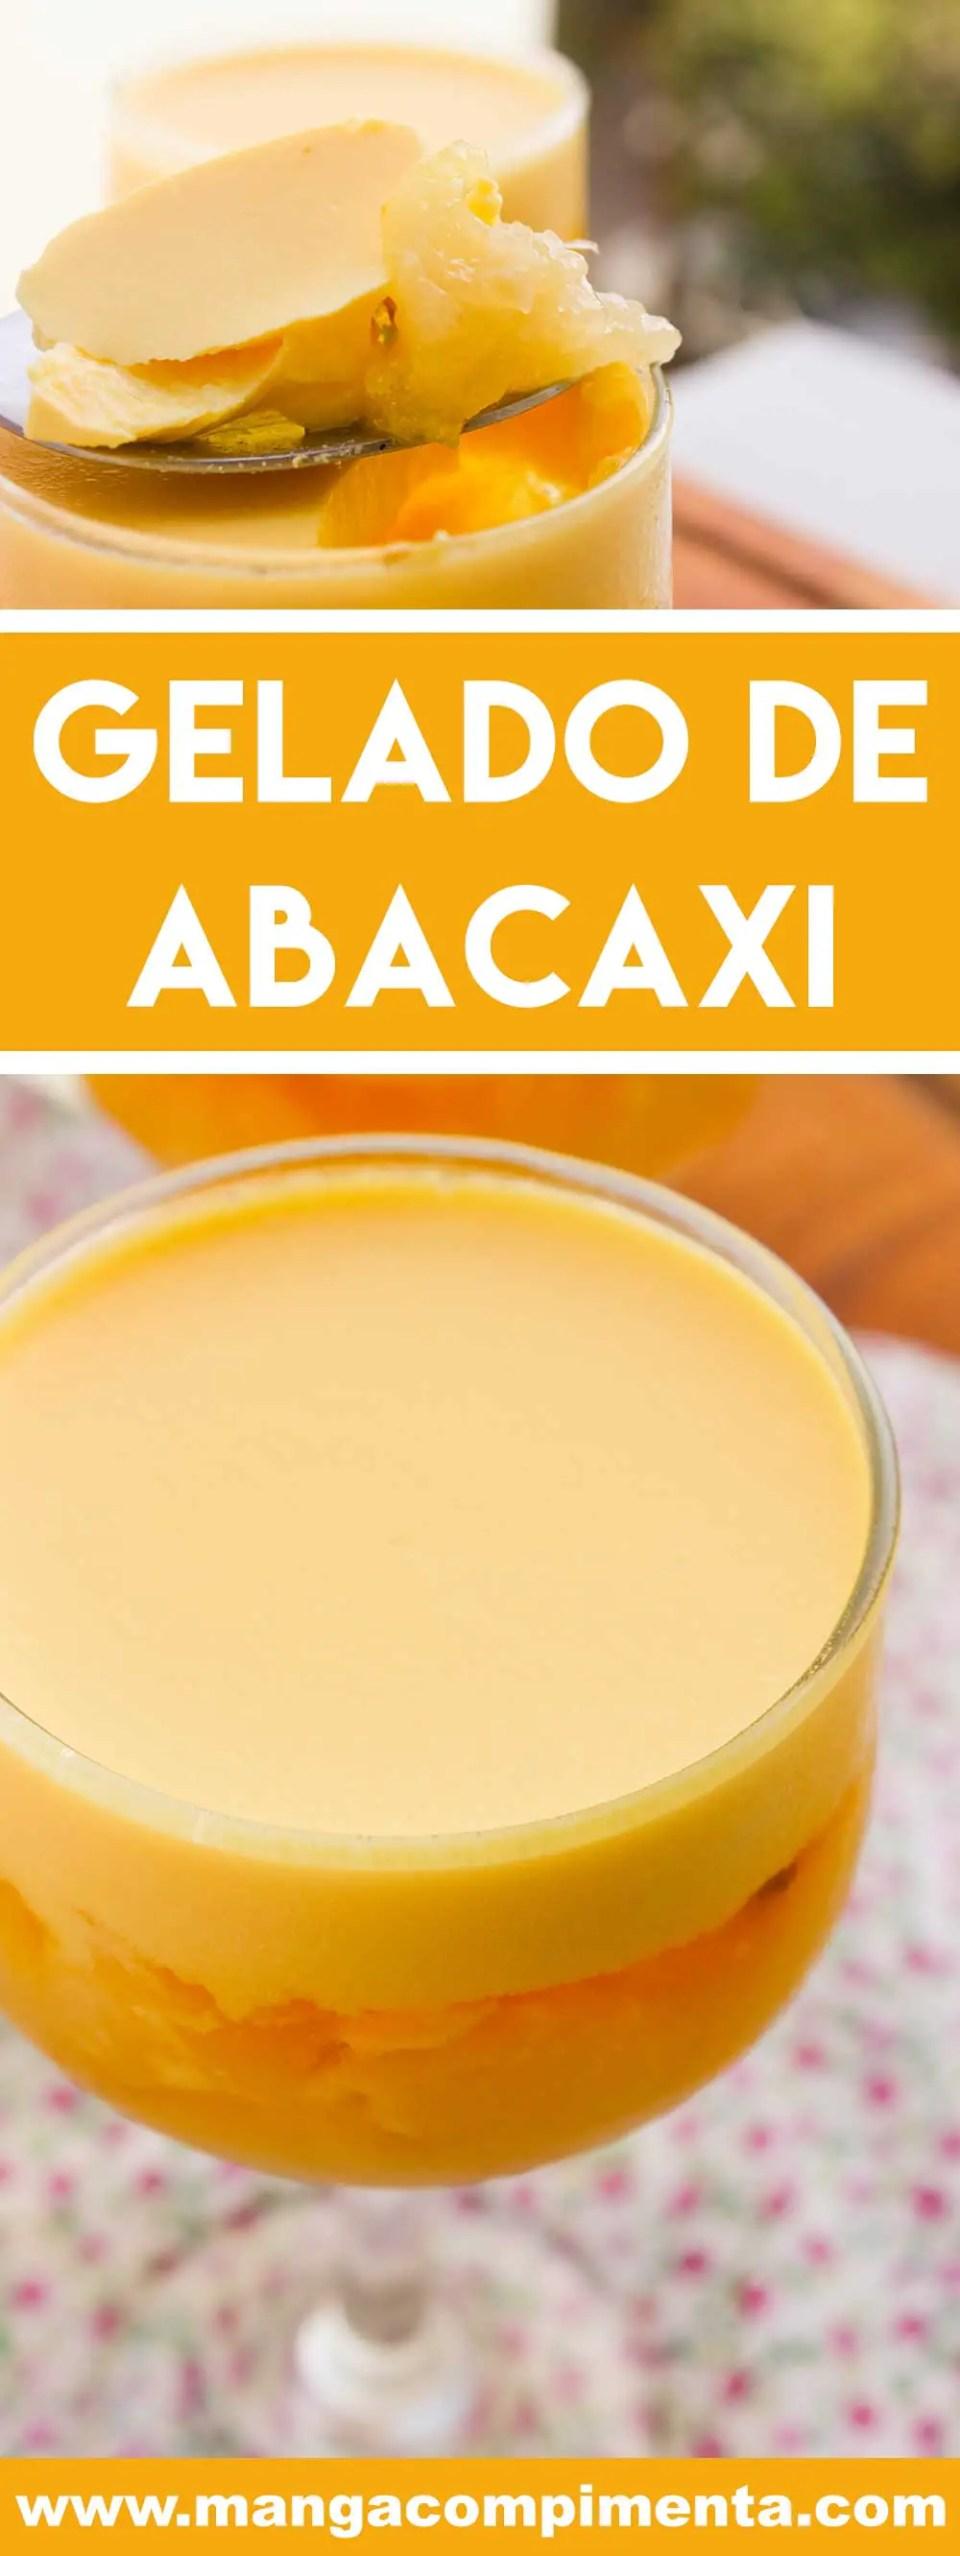 Receita de Gelado de Abacaxi - perfeito para o final de semana, sobremesa do final de semana.